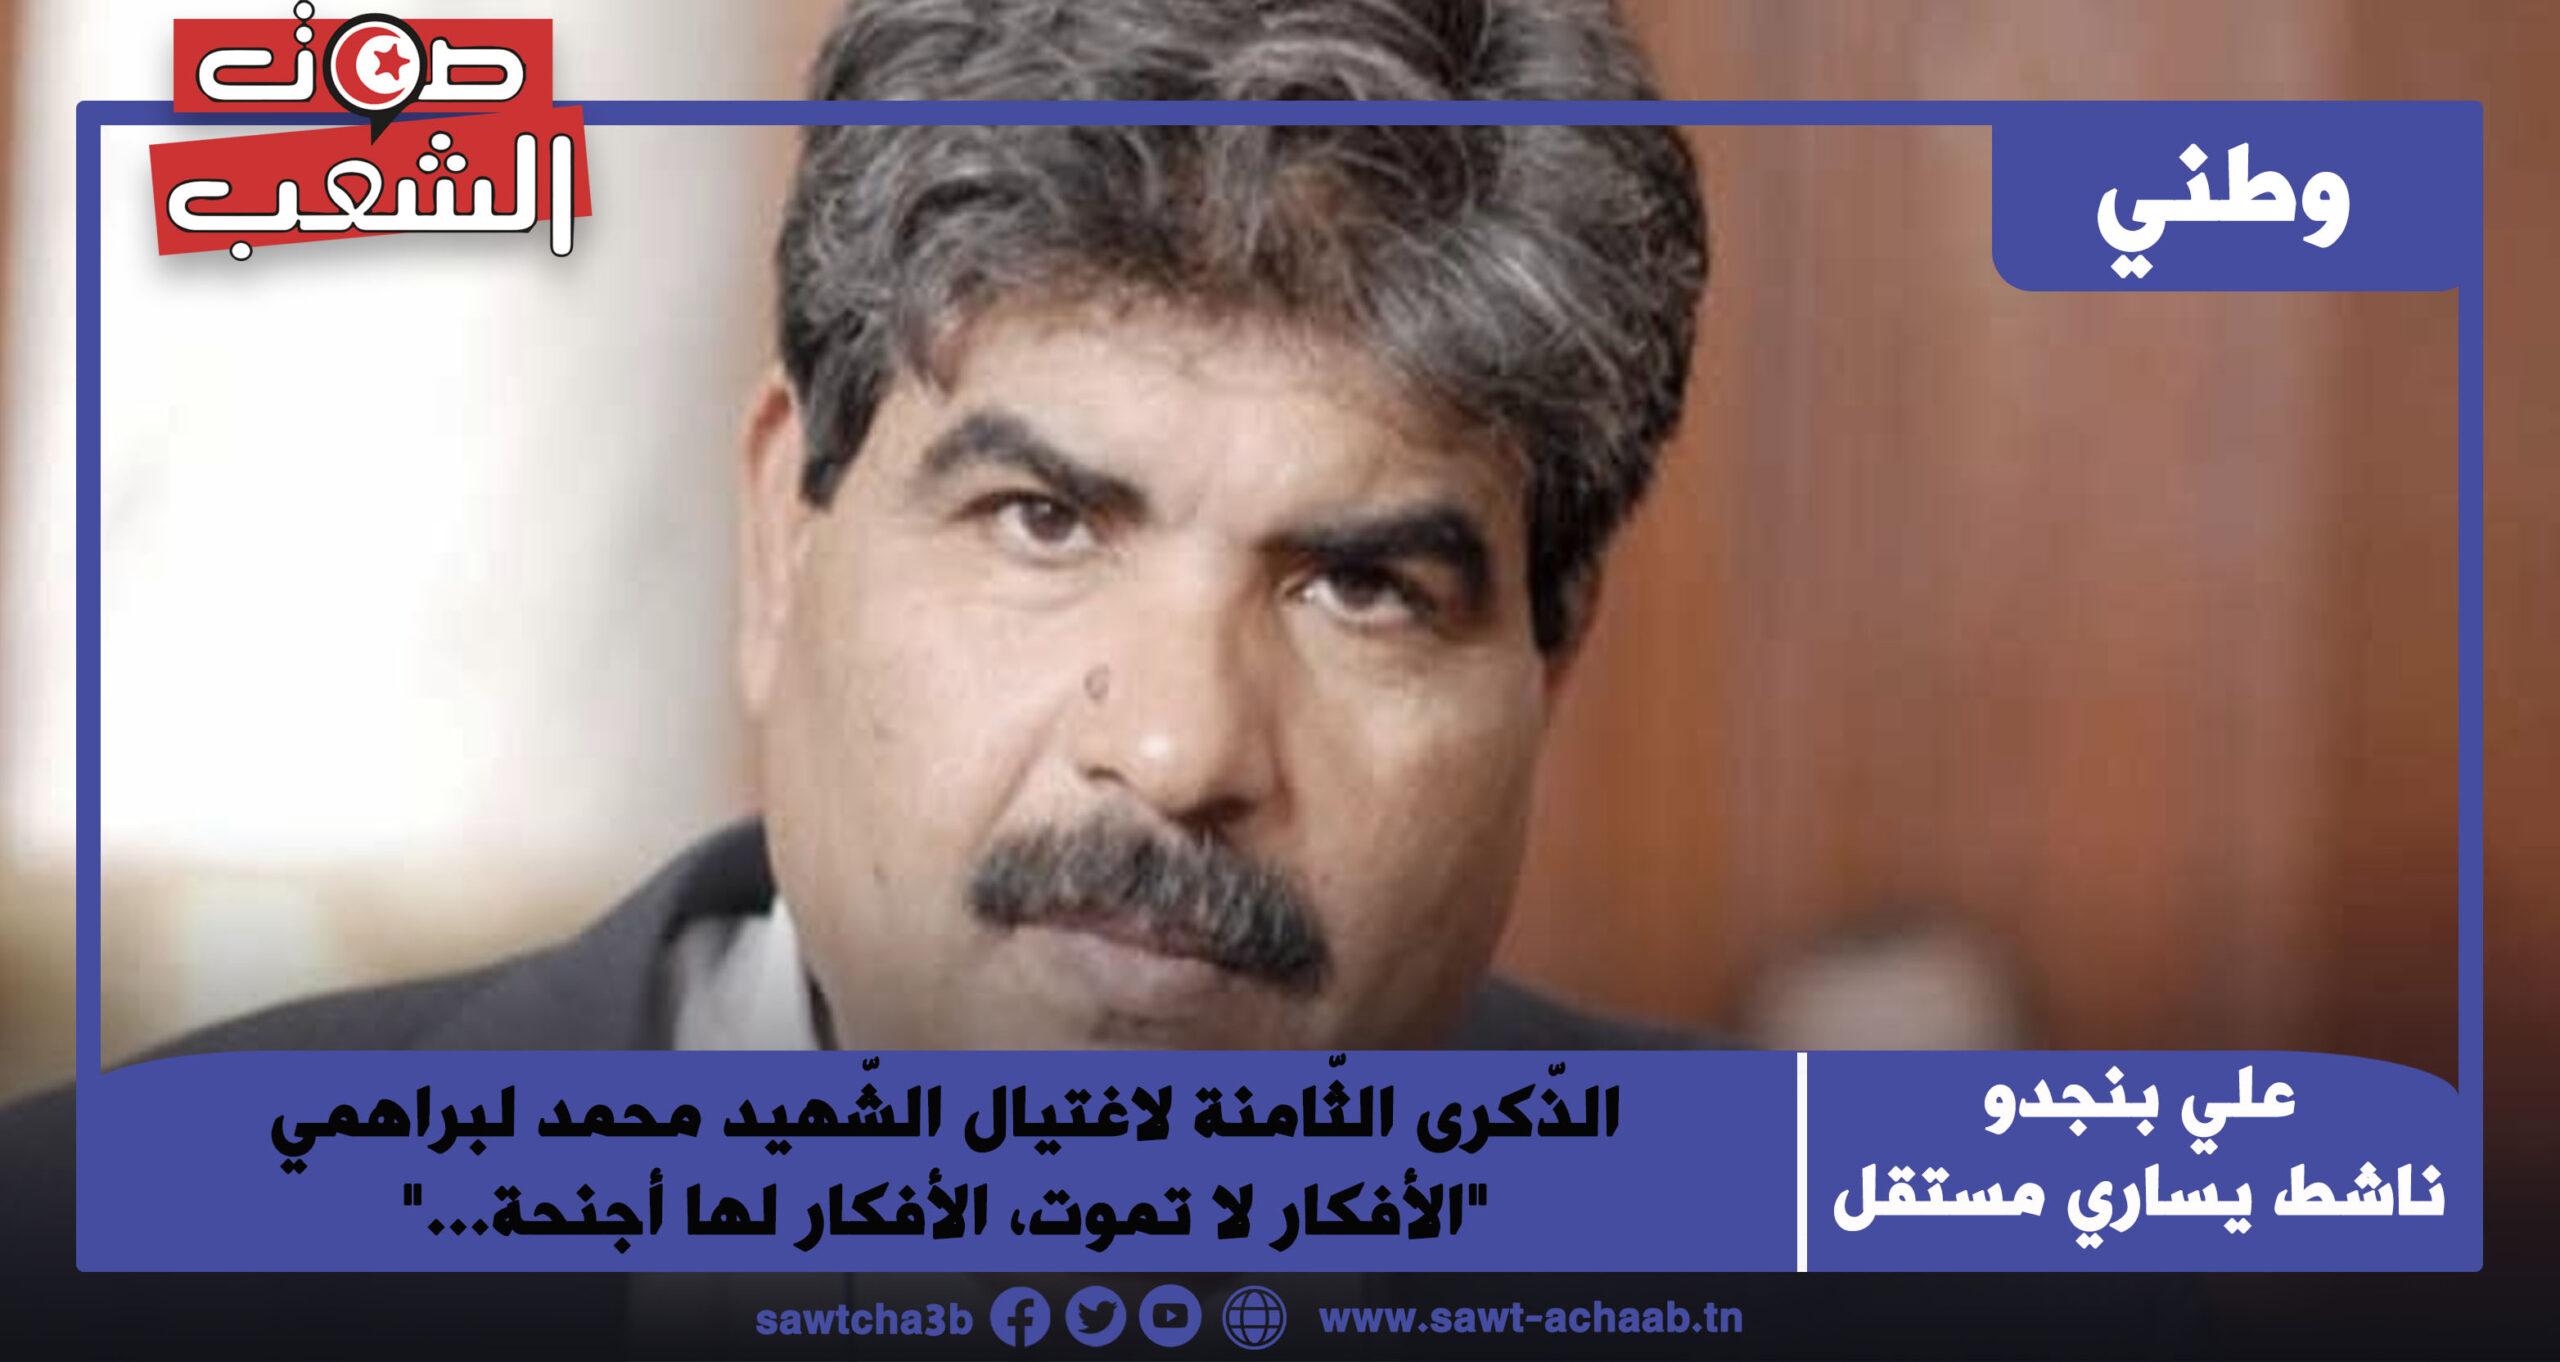 """الذّكرى الثّامنة لاغتيال الشّهيد محمد لبراهمي """"الأفكار لا تموت، الأفكار لها أجنحة…"""""""